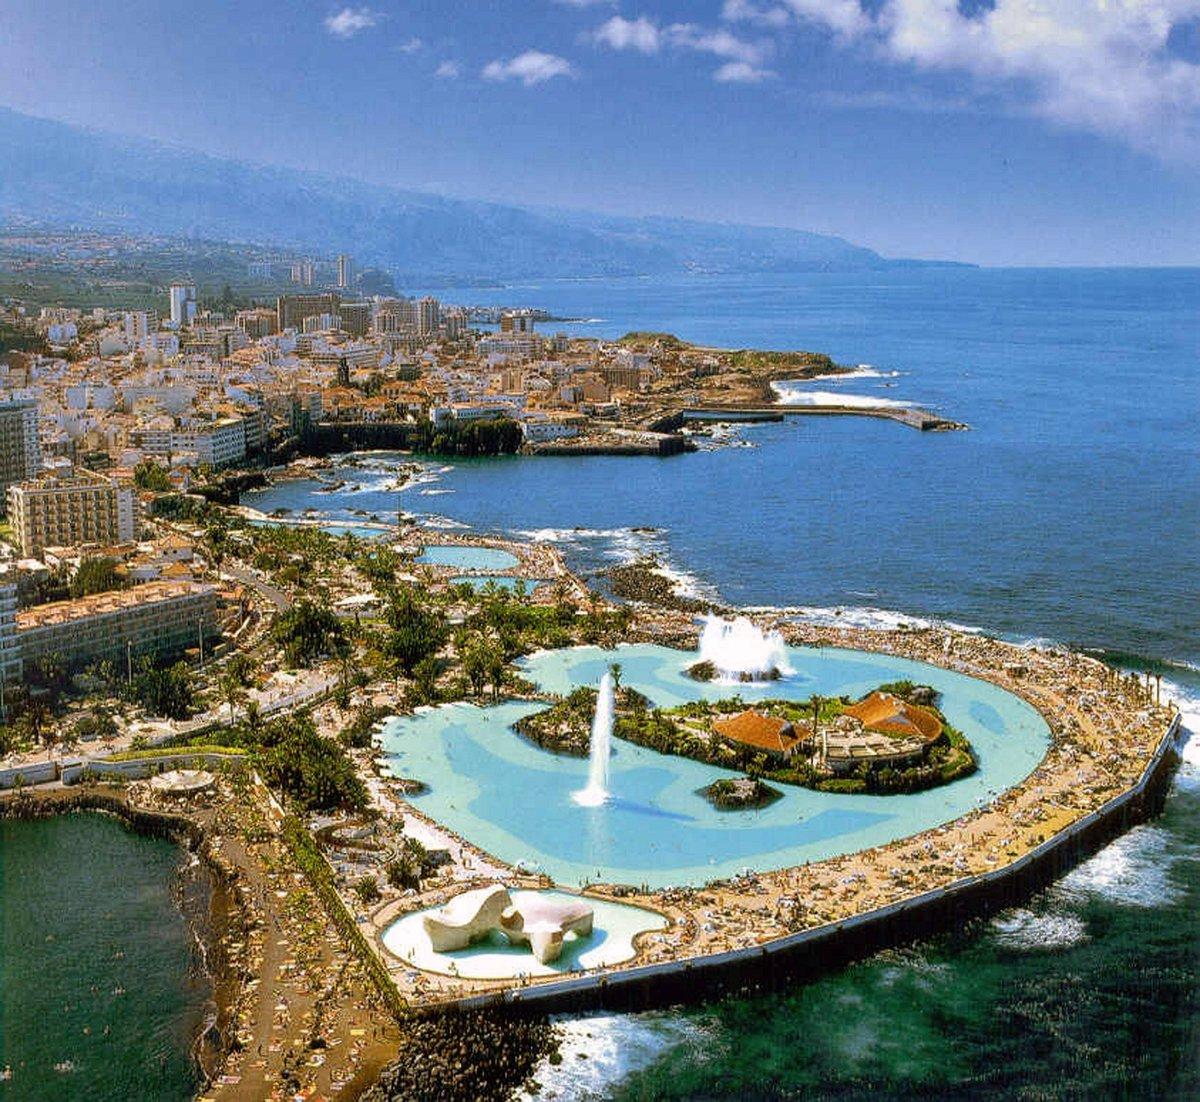 увидите тенерифе канарские острова туры цены вкусные